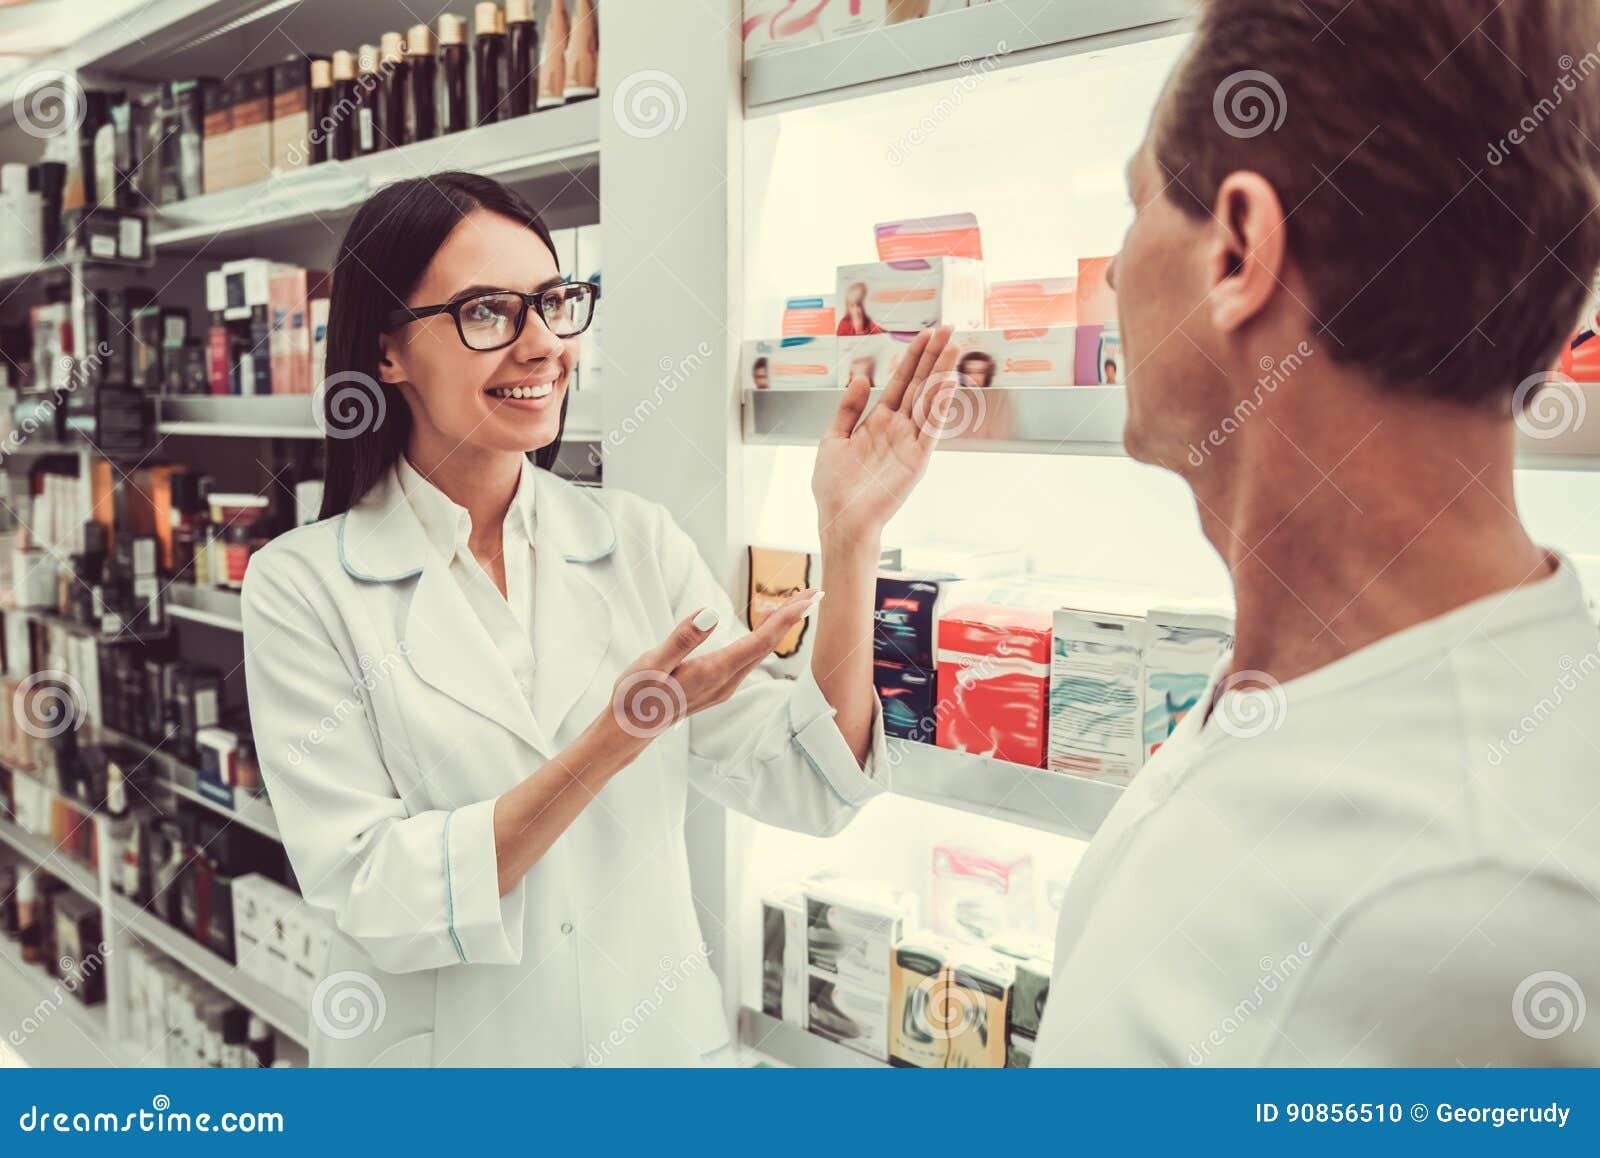 Στο φαρμακείο